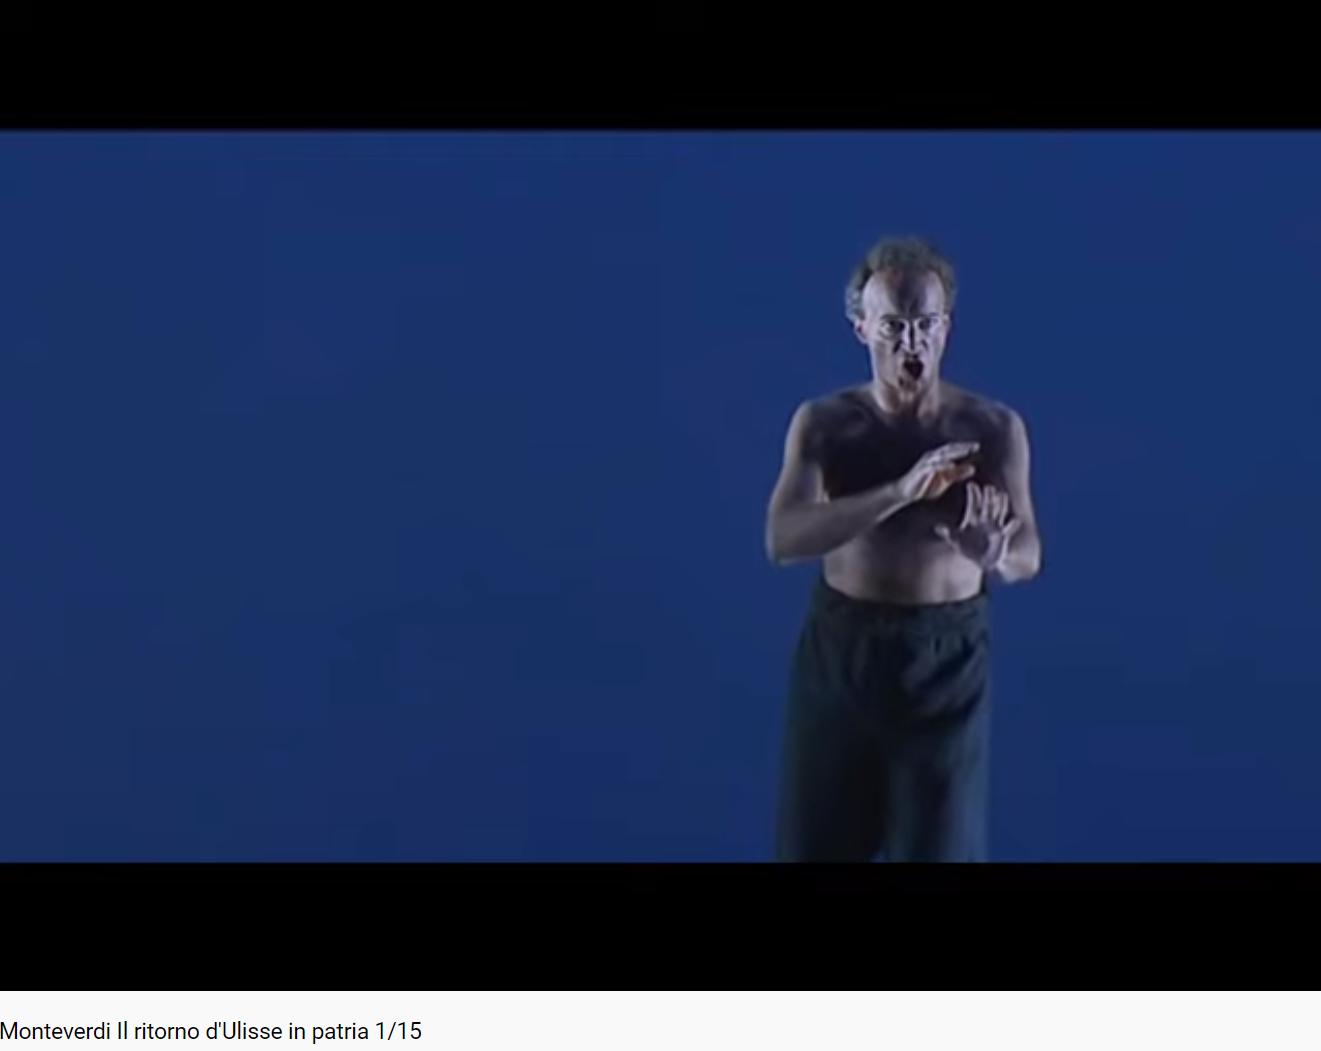 Monteverdi Il ritorno d'Ulisse in patria prologue